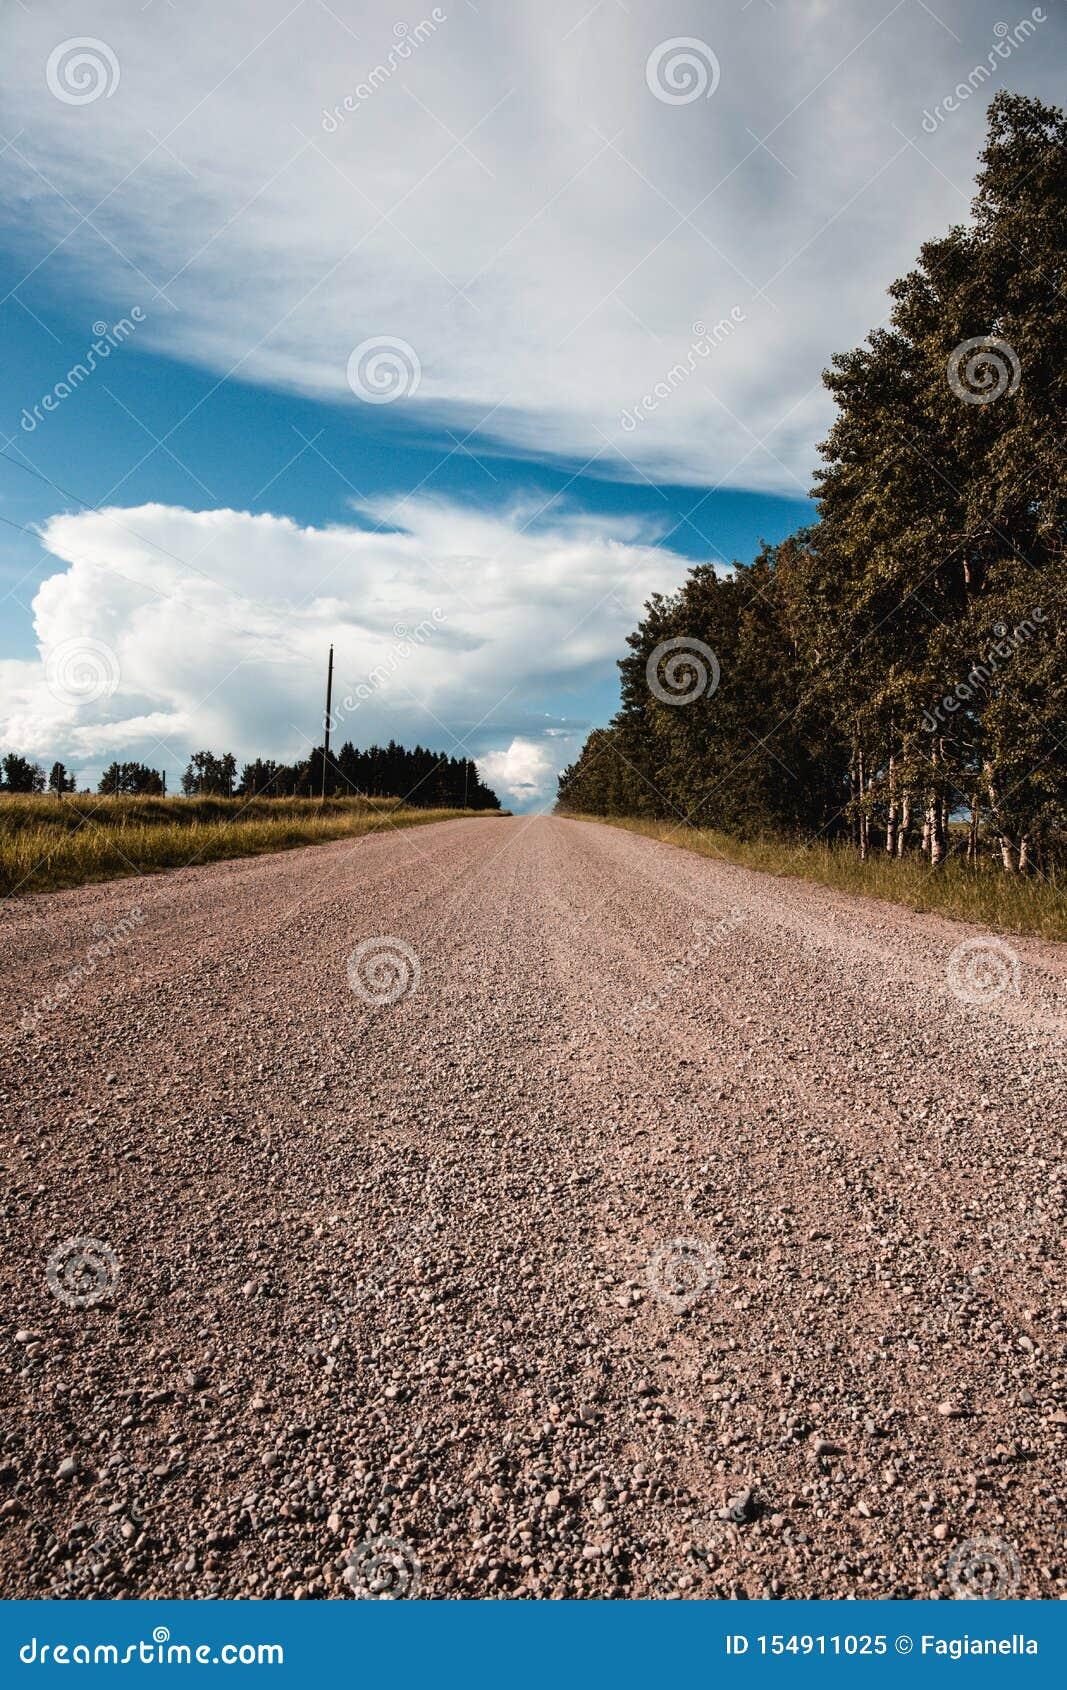 Kieskantenstraße im Rotwild-Land, Alberta, Kanada Herum verlassen, niemand, offenes Land